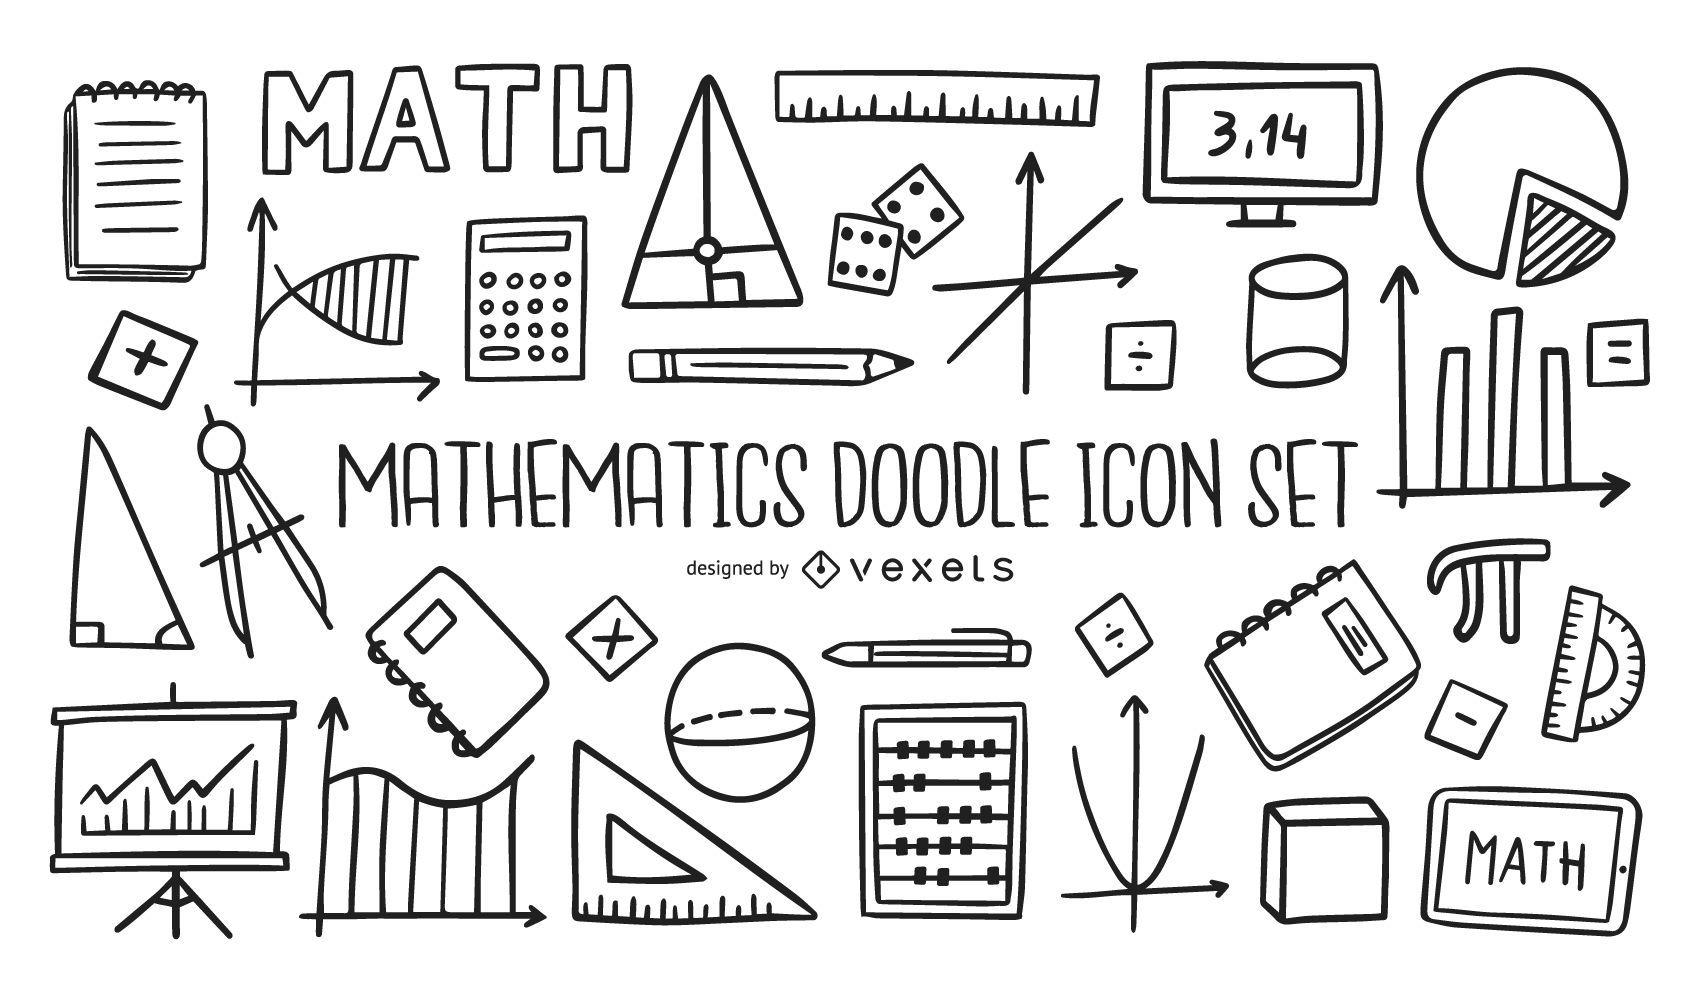 Un lugar donde ejercitar tu mente jugando con las matematicas, para niños de primaria e infantil, ejercicios de todo tipo, sumas, restas, multiplicaciones, calculo mental., Vectores Graficos De Matematicas Para Descargar